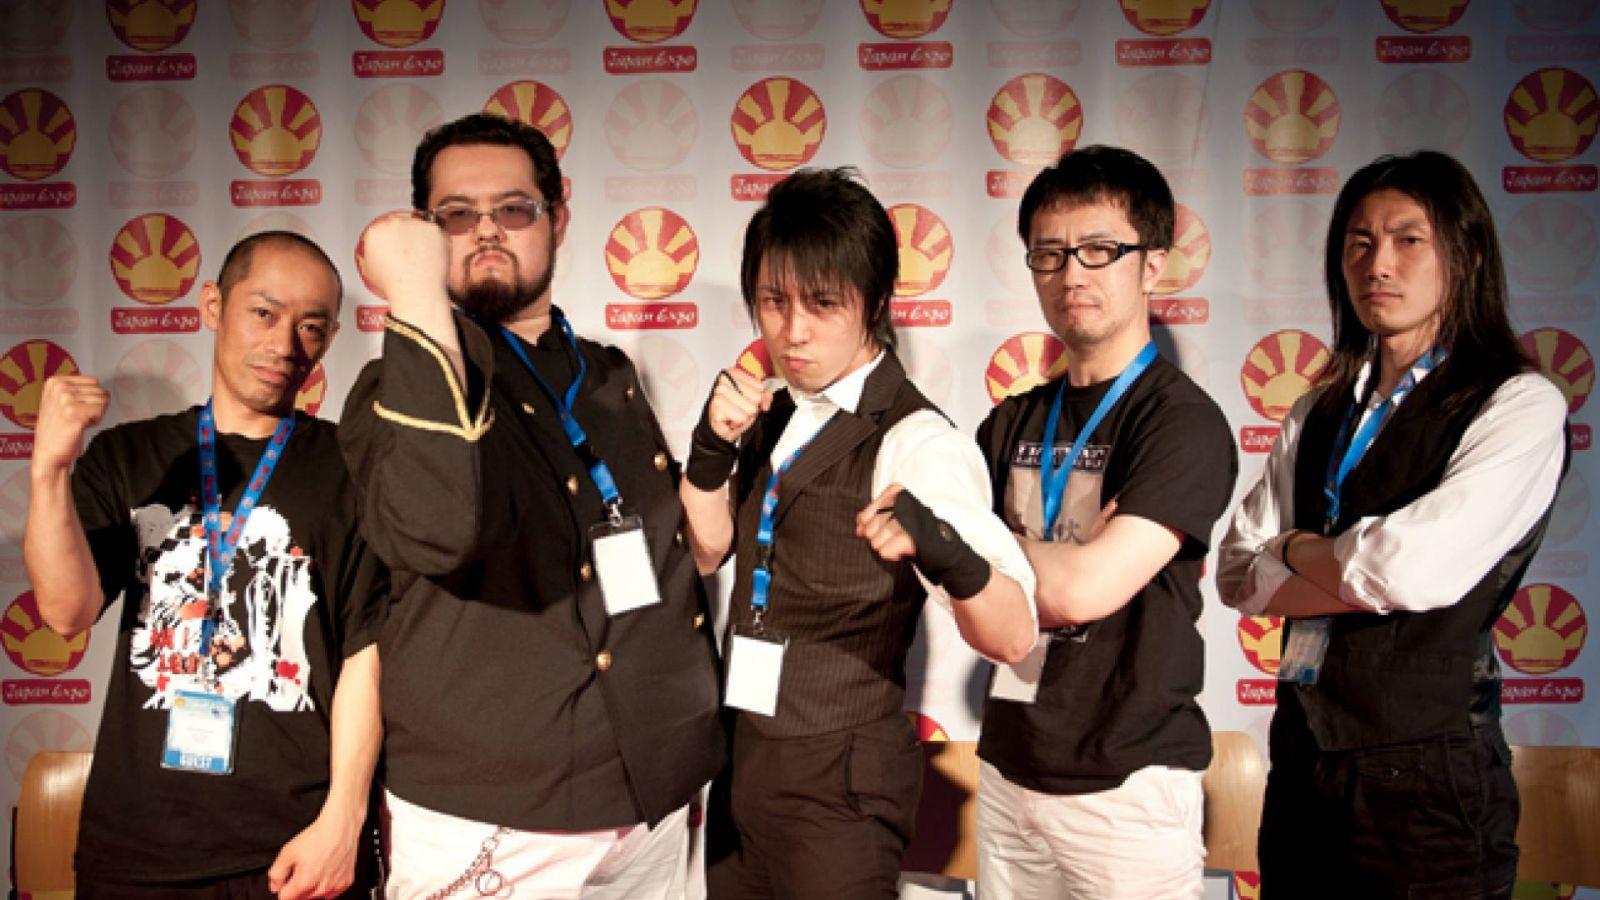 Интервью с Lightning на Japan Expo © Lightning - CABOCHE Didier